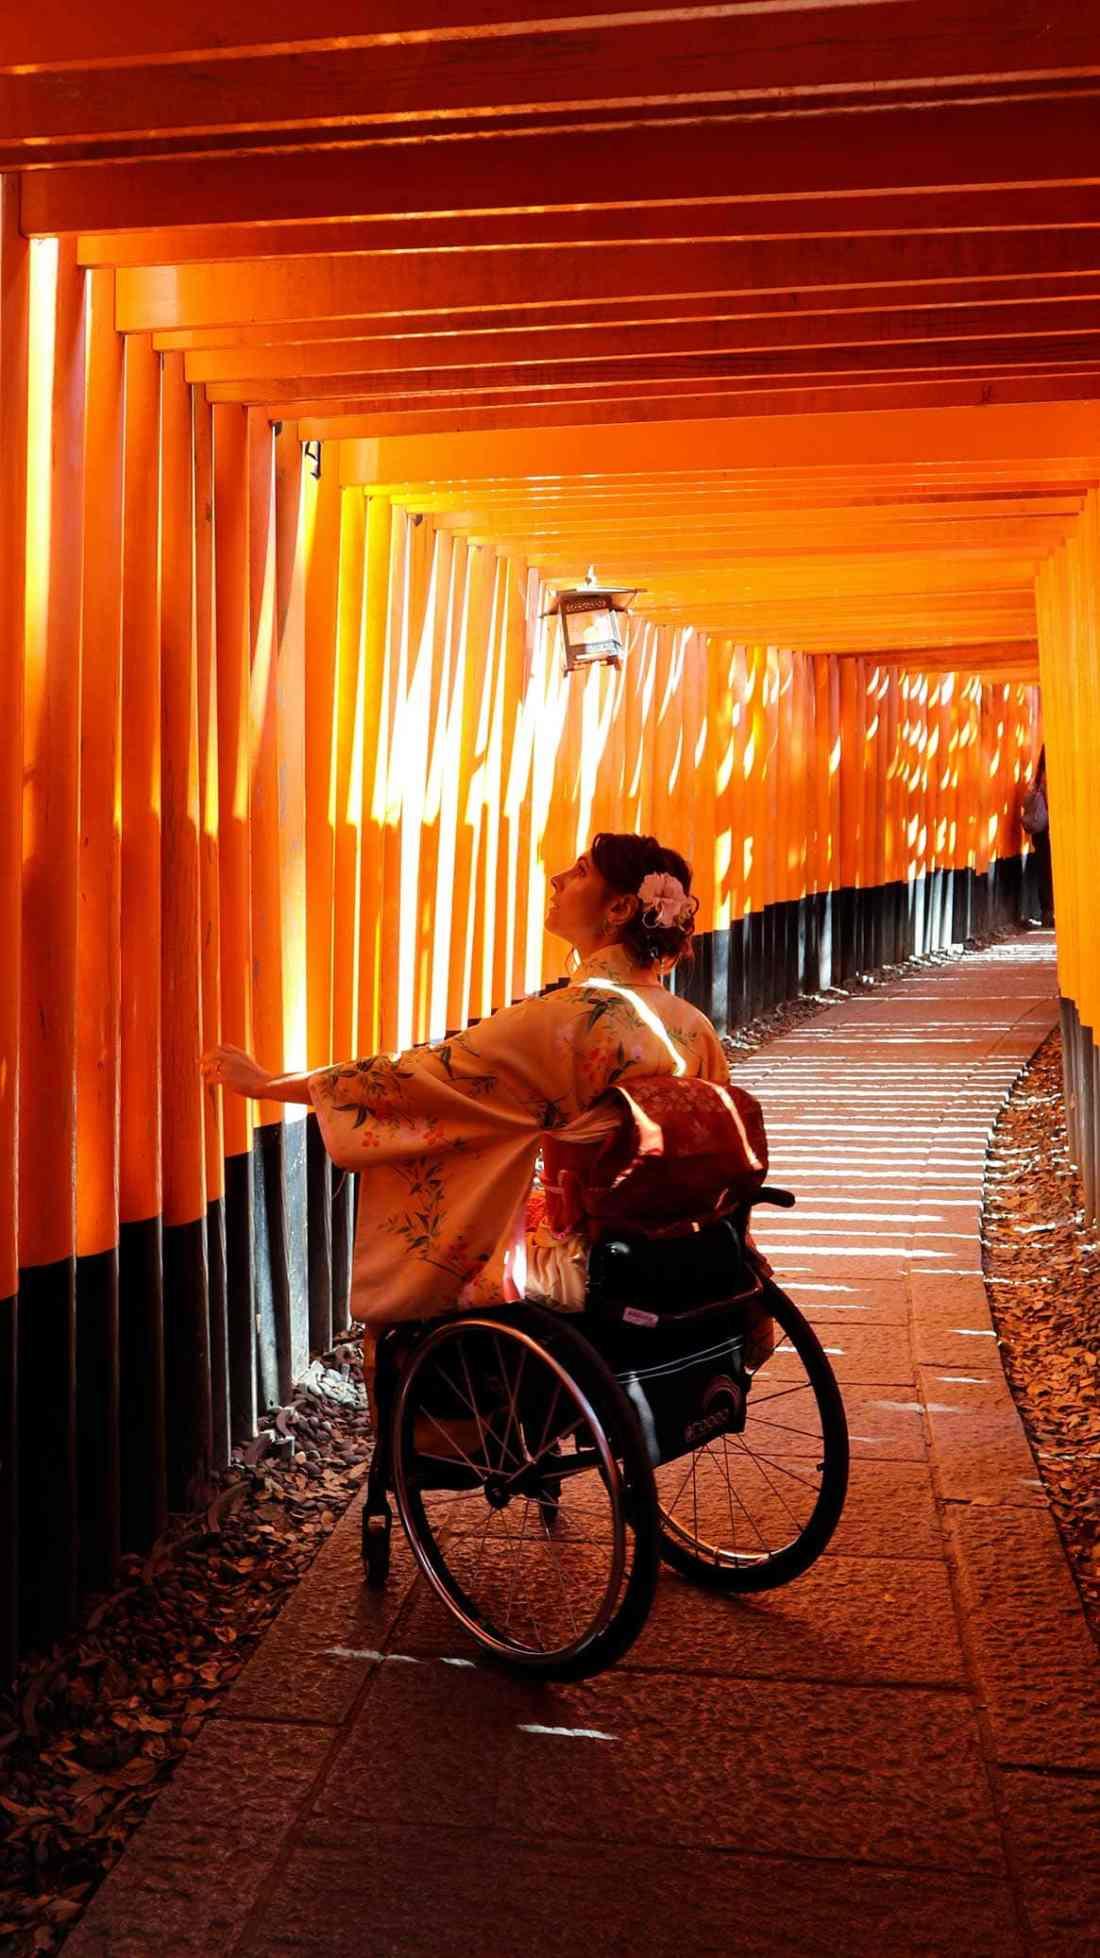 viaggio in giappone a kyoto